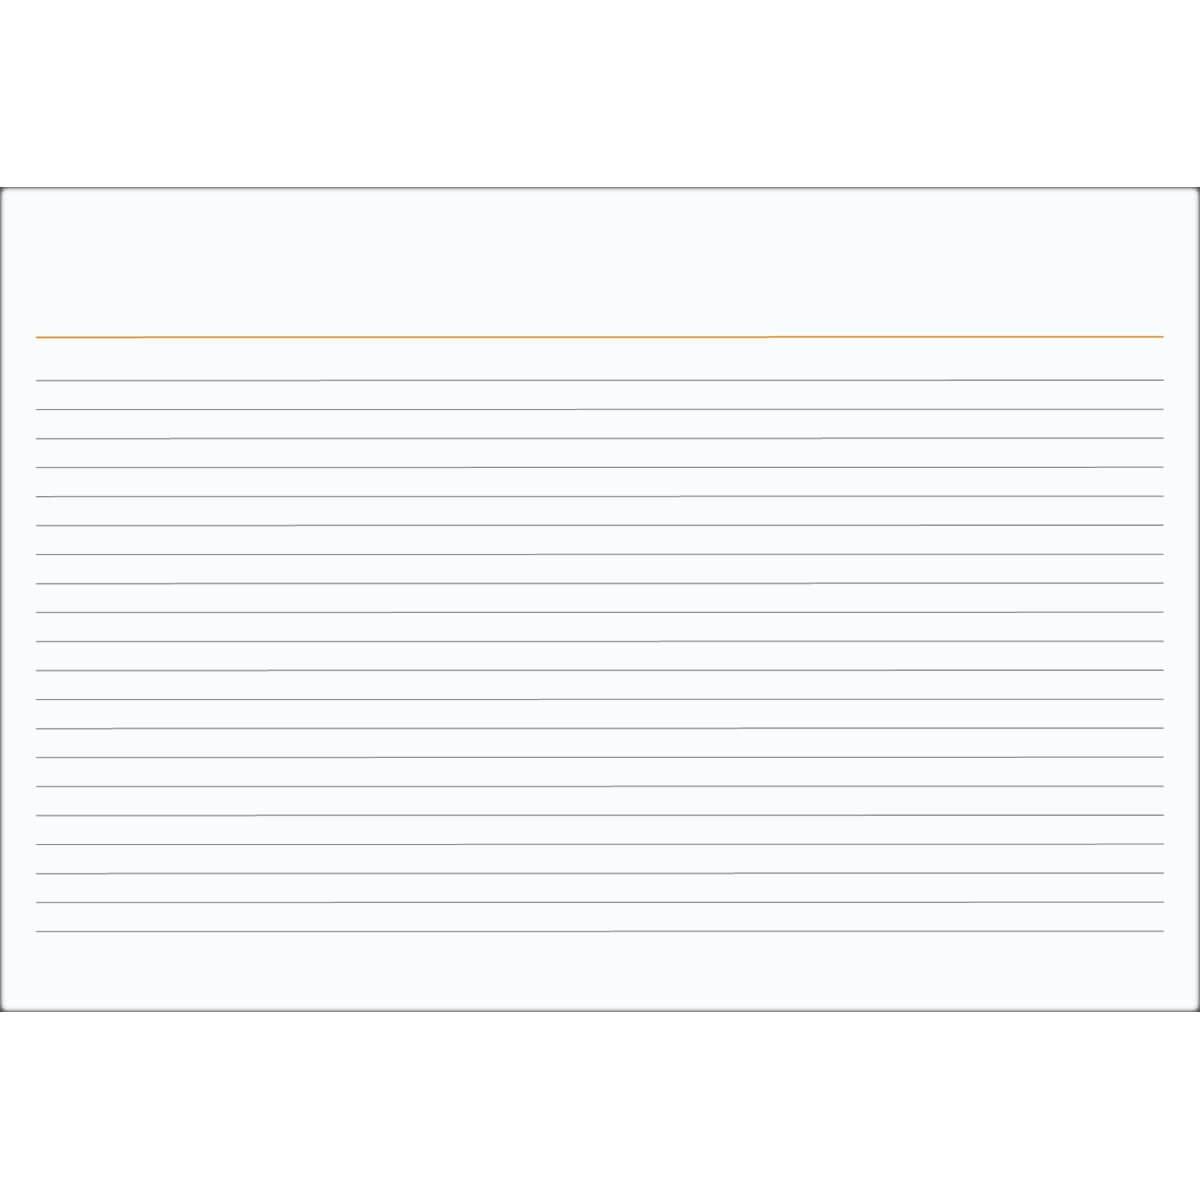 Ficha Pautada Número 3 - 5x8 100 Folhas - Tilibra